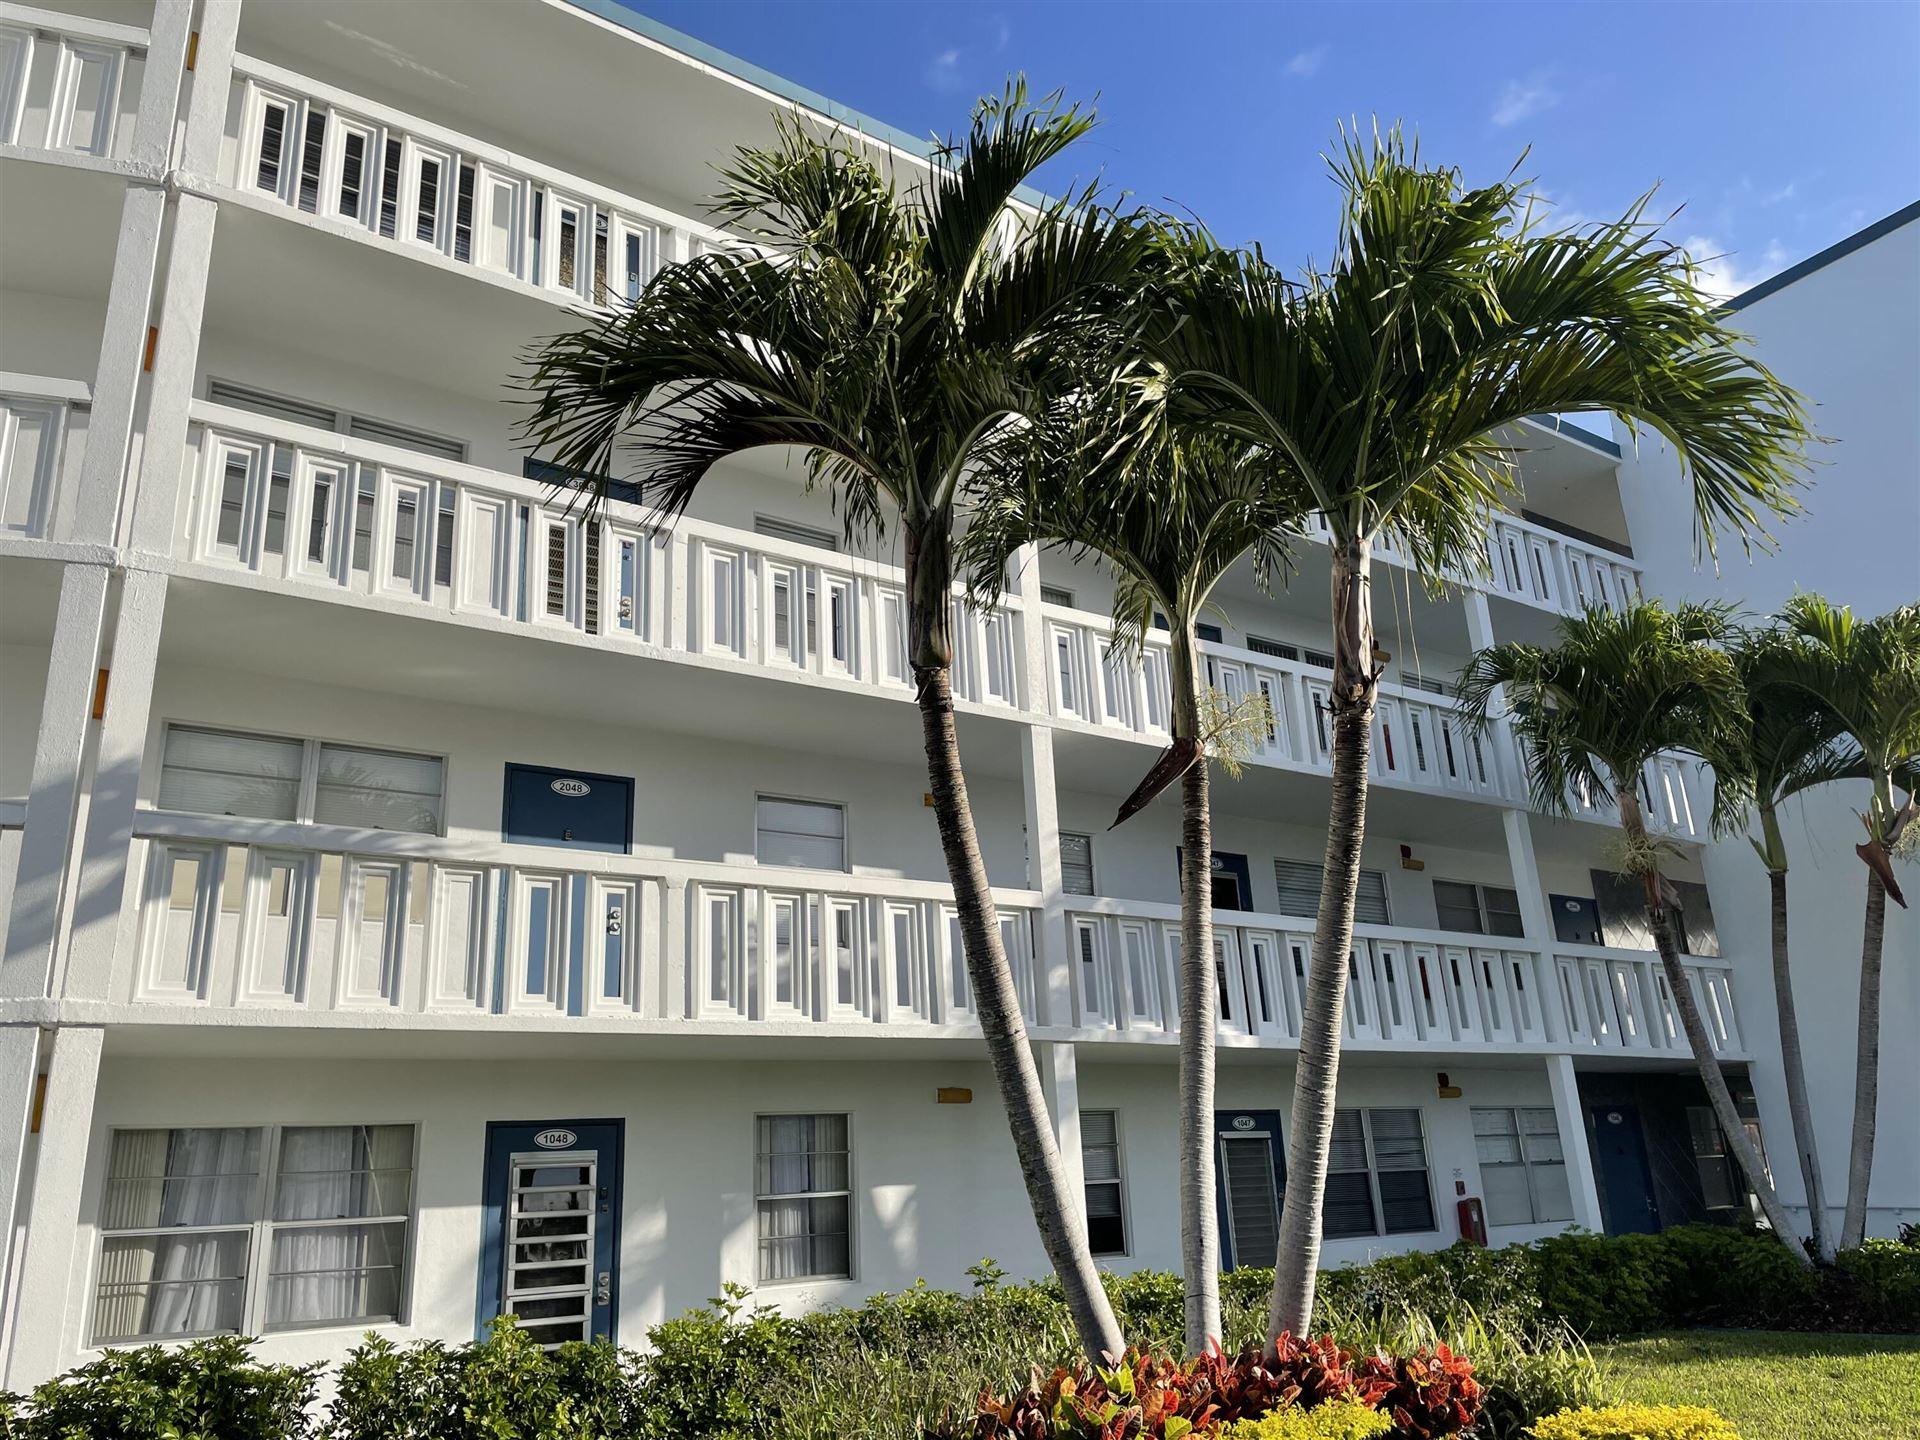 Photo of 3046 Exeter #C, Boca Raton, FL 33434 (MLS # RX-10696240)